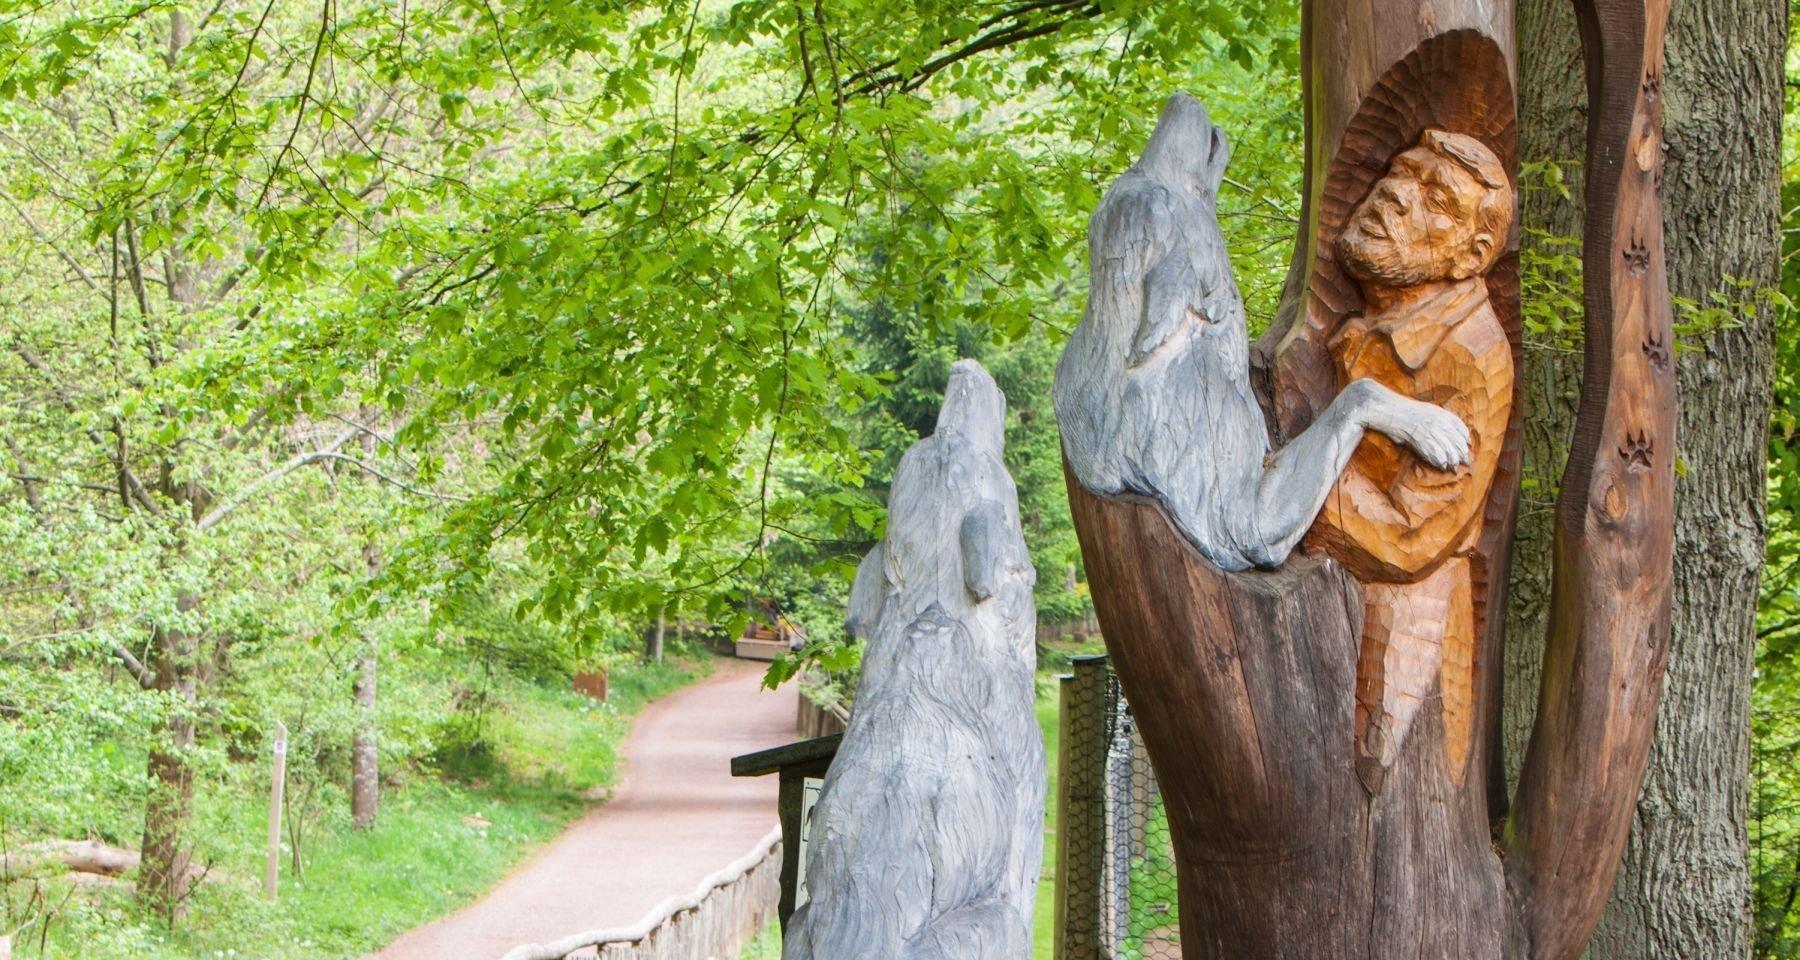 Das Foto zeigt eine hölzerne Wolfsskulptur, die im Eingangsbereich des Wolfsparks Werner Freund zu finden ist.